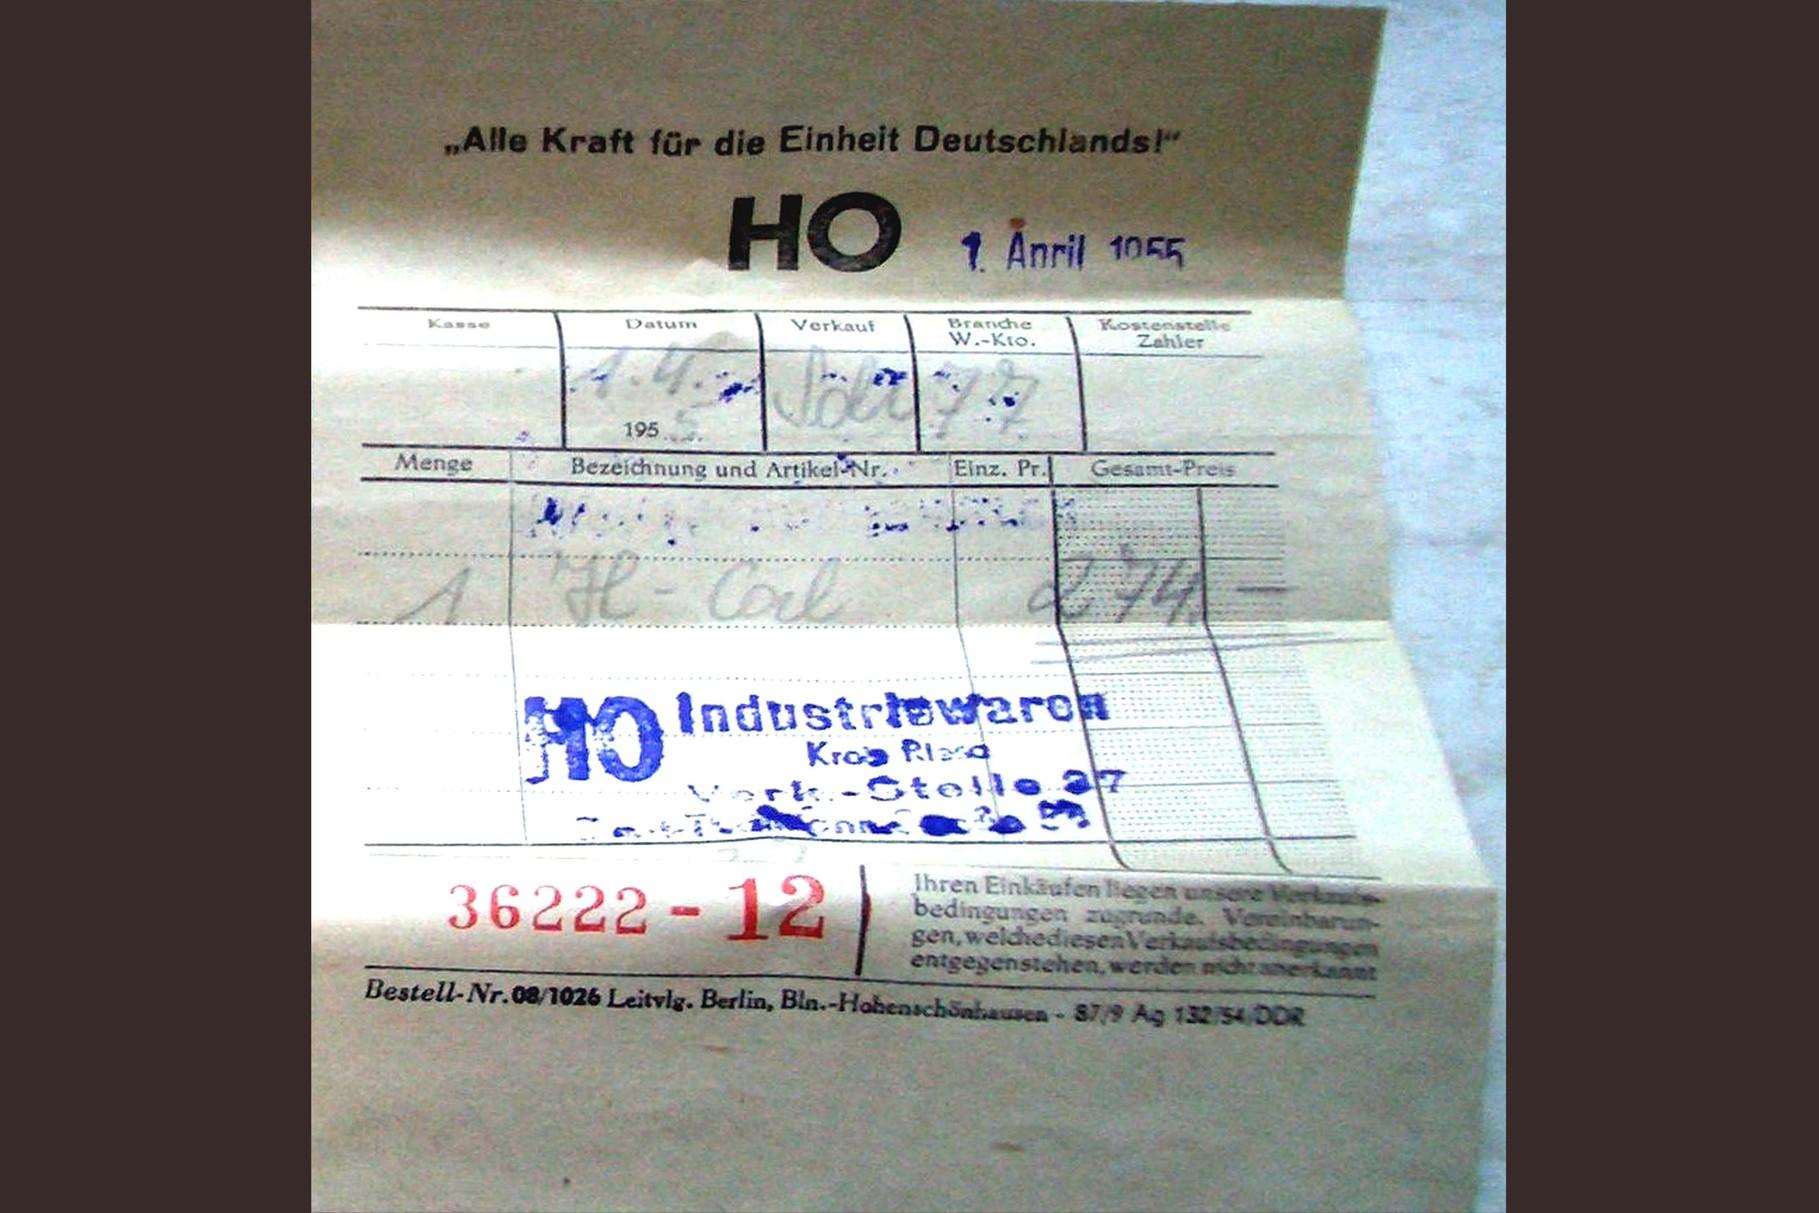 Der Spruch über dem HO Signet verschwand in den späteren Jahren der DDR